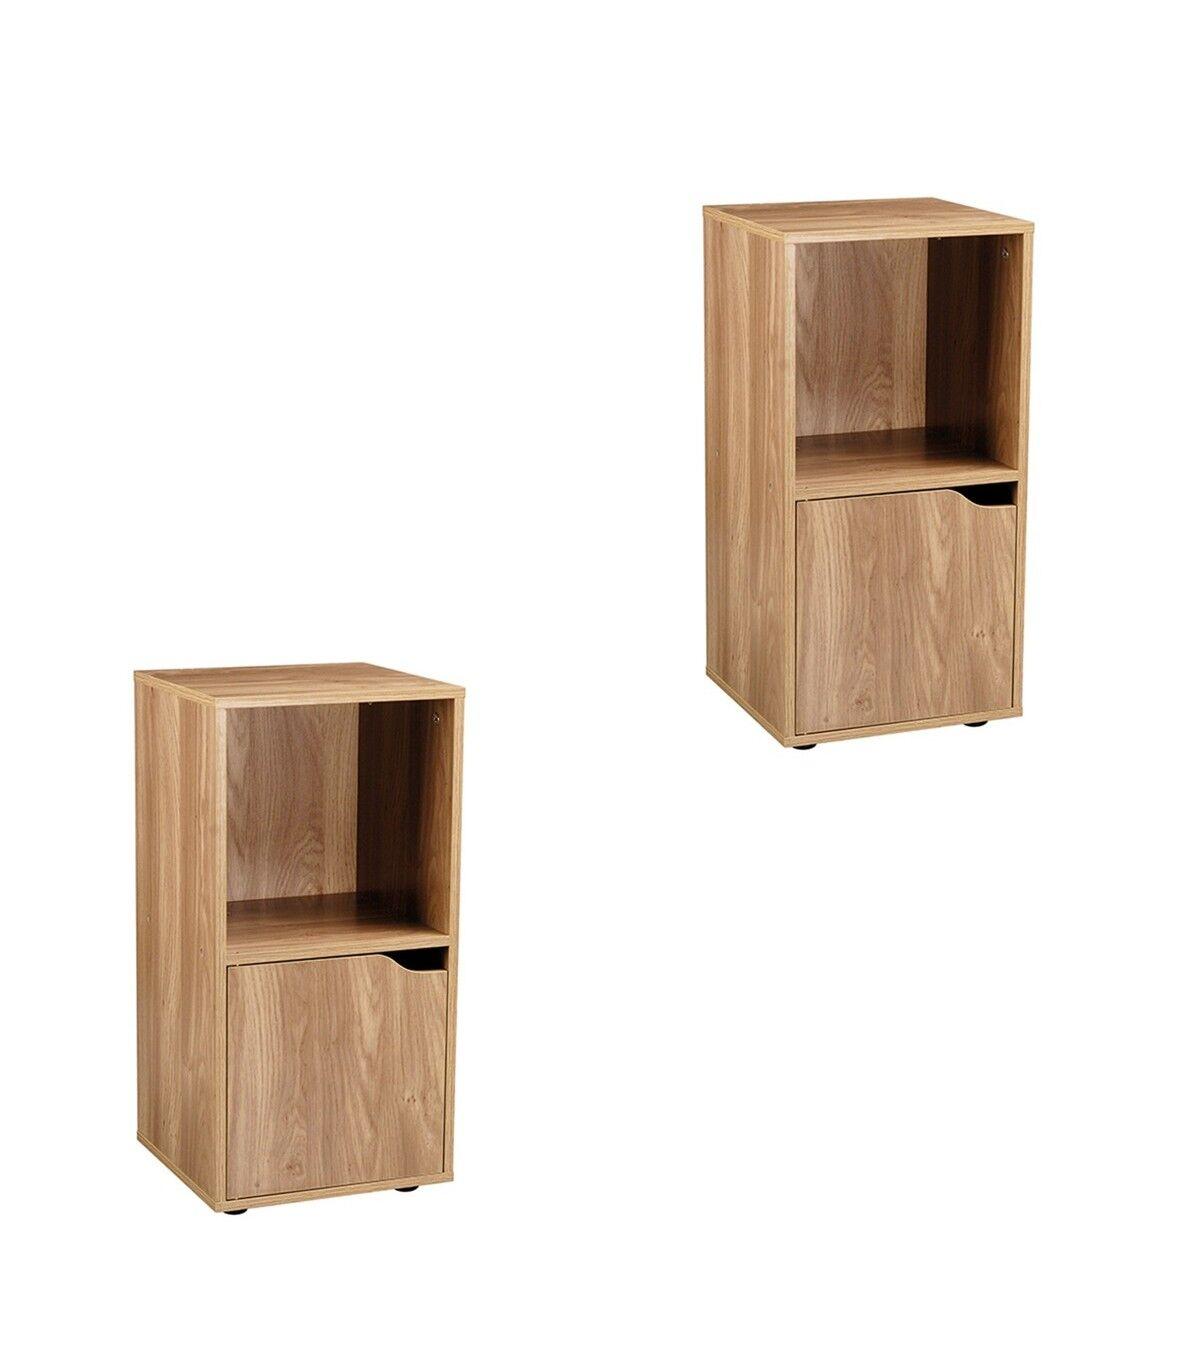 Casme Tables de chevet 2 cases décor bois 1 porte - lot de 2